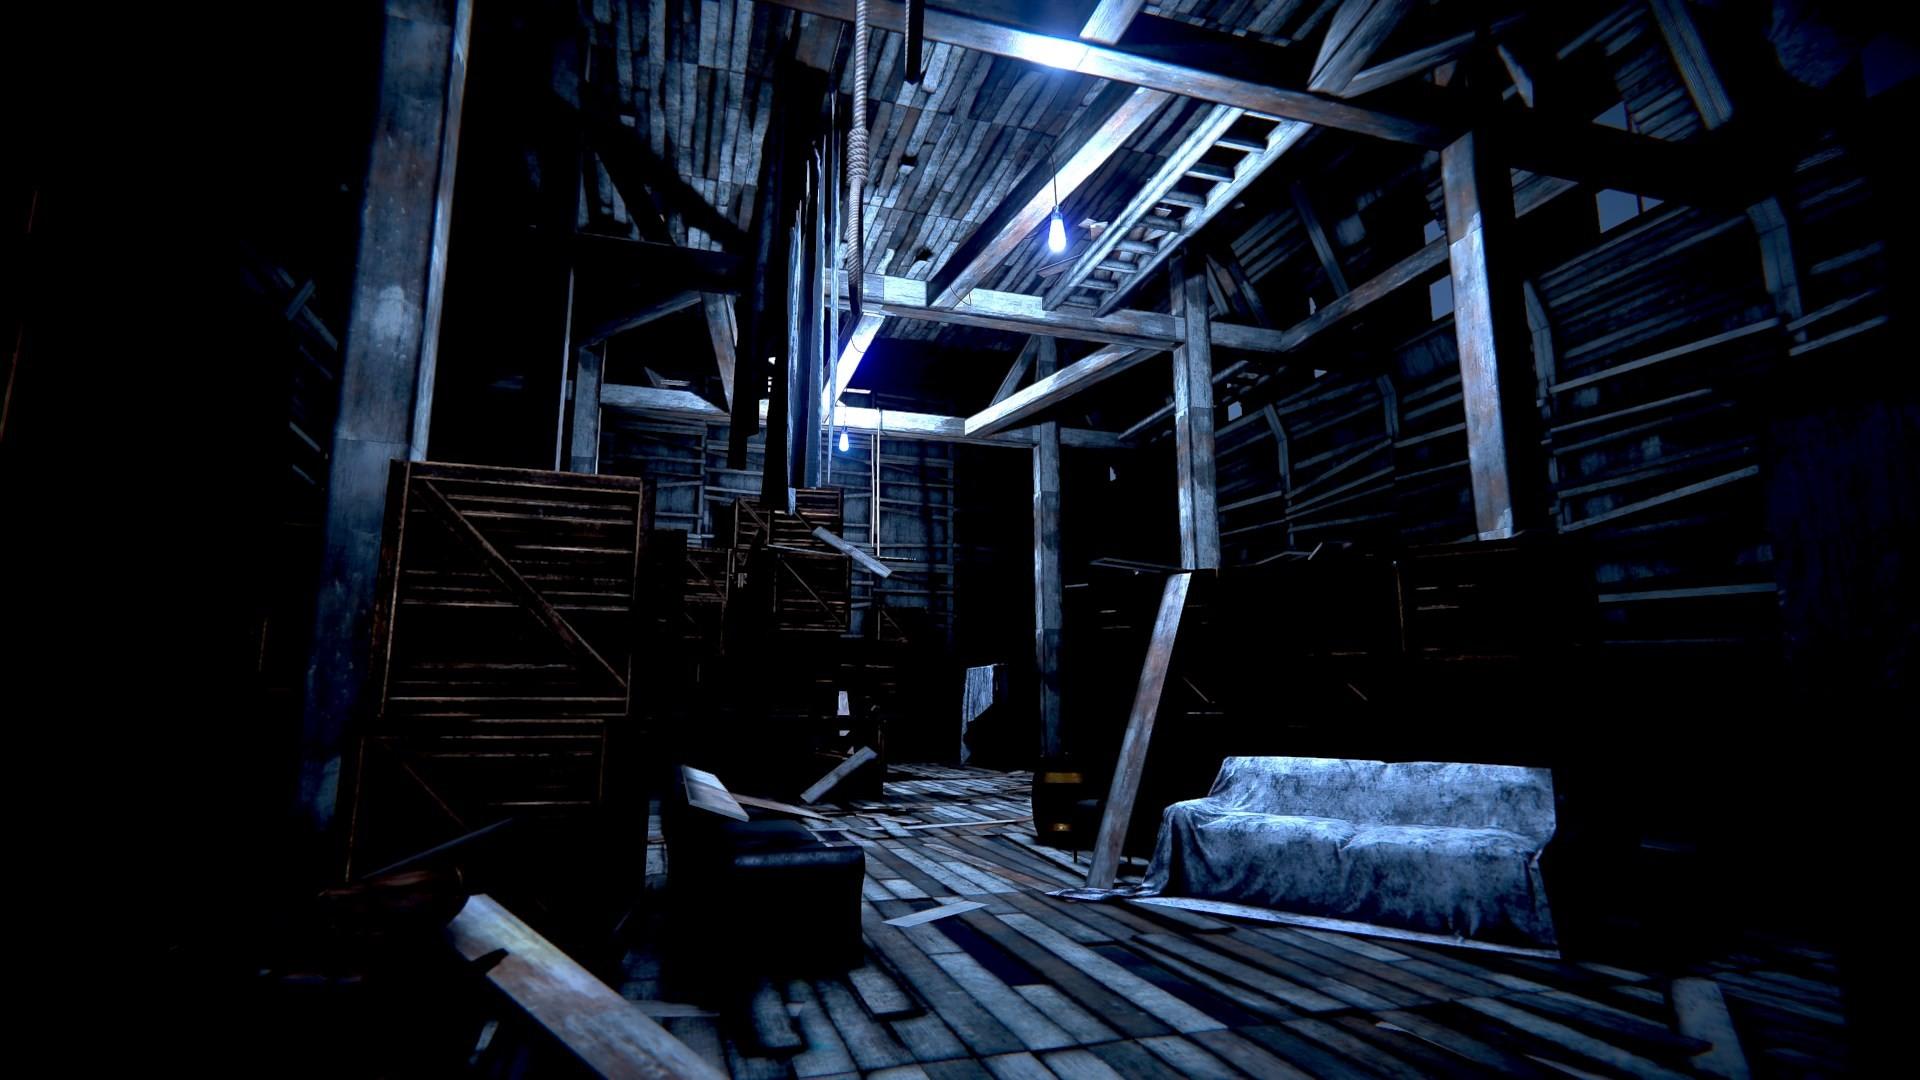 Yasuka taira hq modular attic build zt0kozlkb3